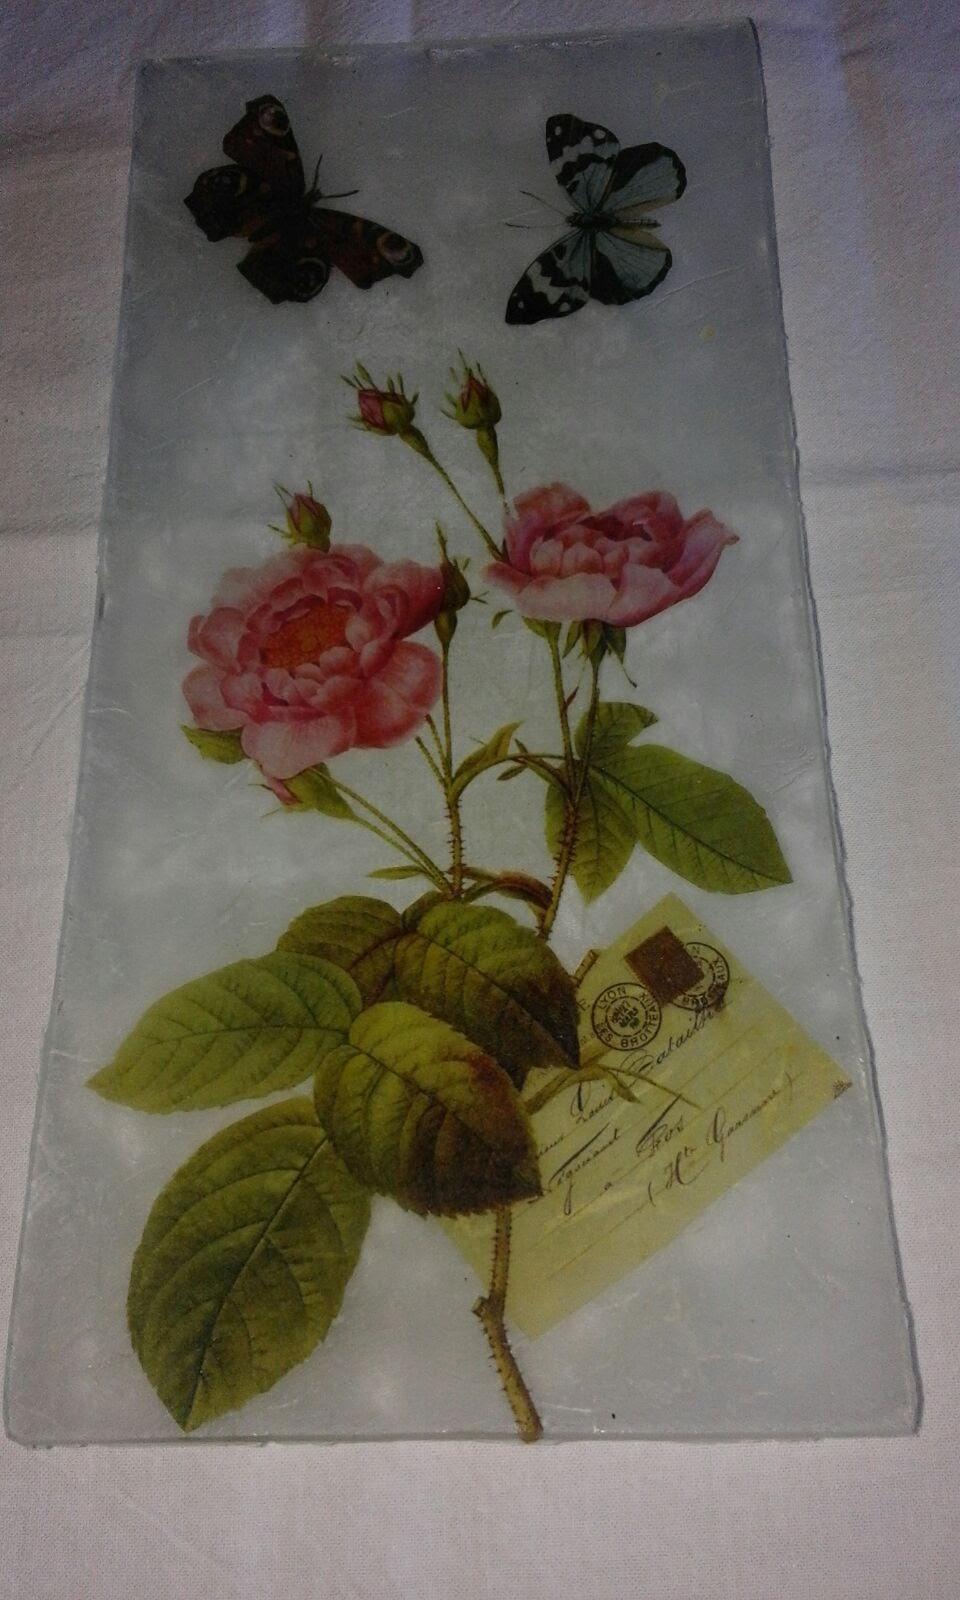 bandeja de vidrio con 2 rosas